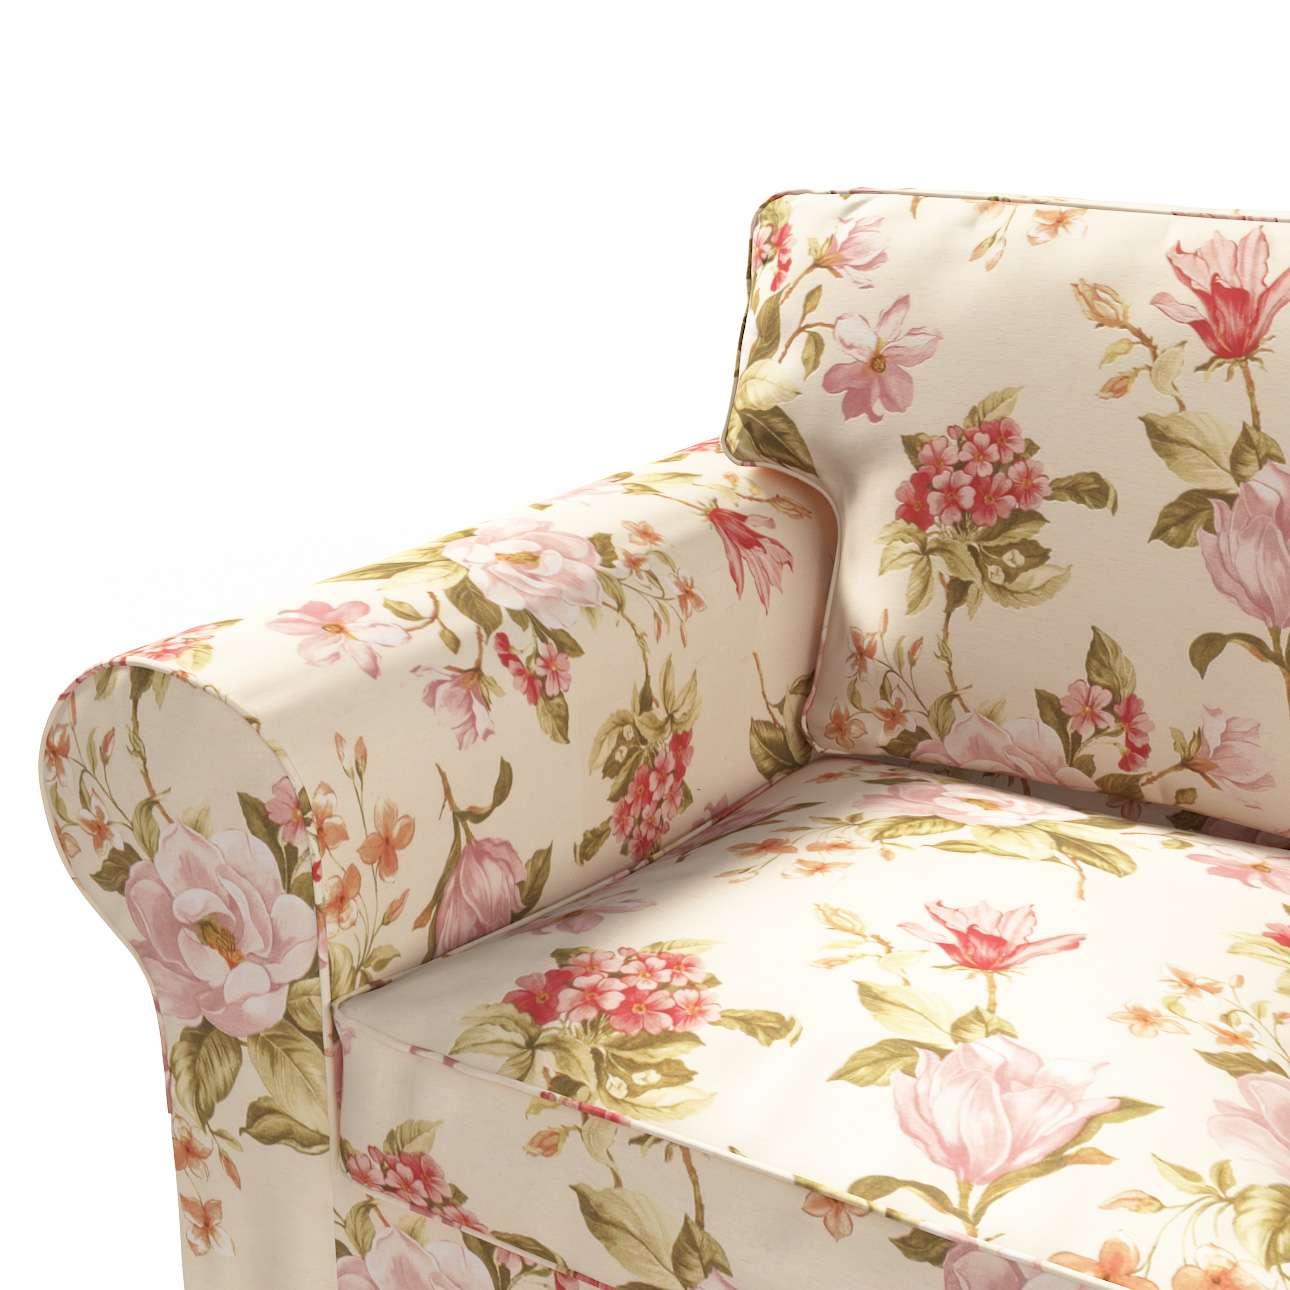 Ektorp 2-Sitzer Sofabezug nicht ausklappbar Sofabezug für  Ektorp 2-Sitzer nicht ausklappbar von der Kollektion Londres, Stoff: 123-05